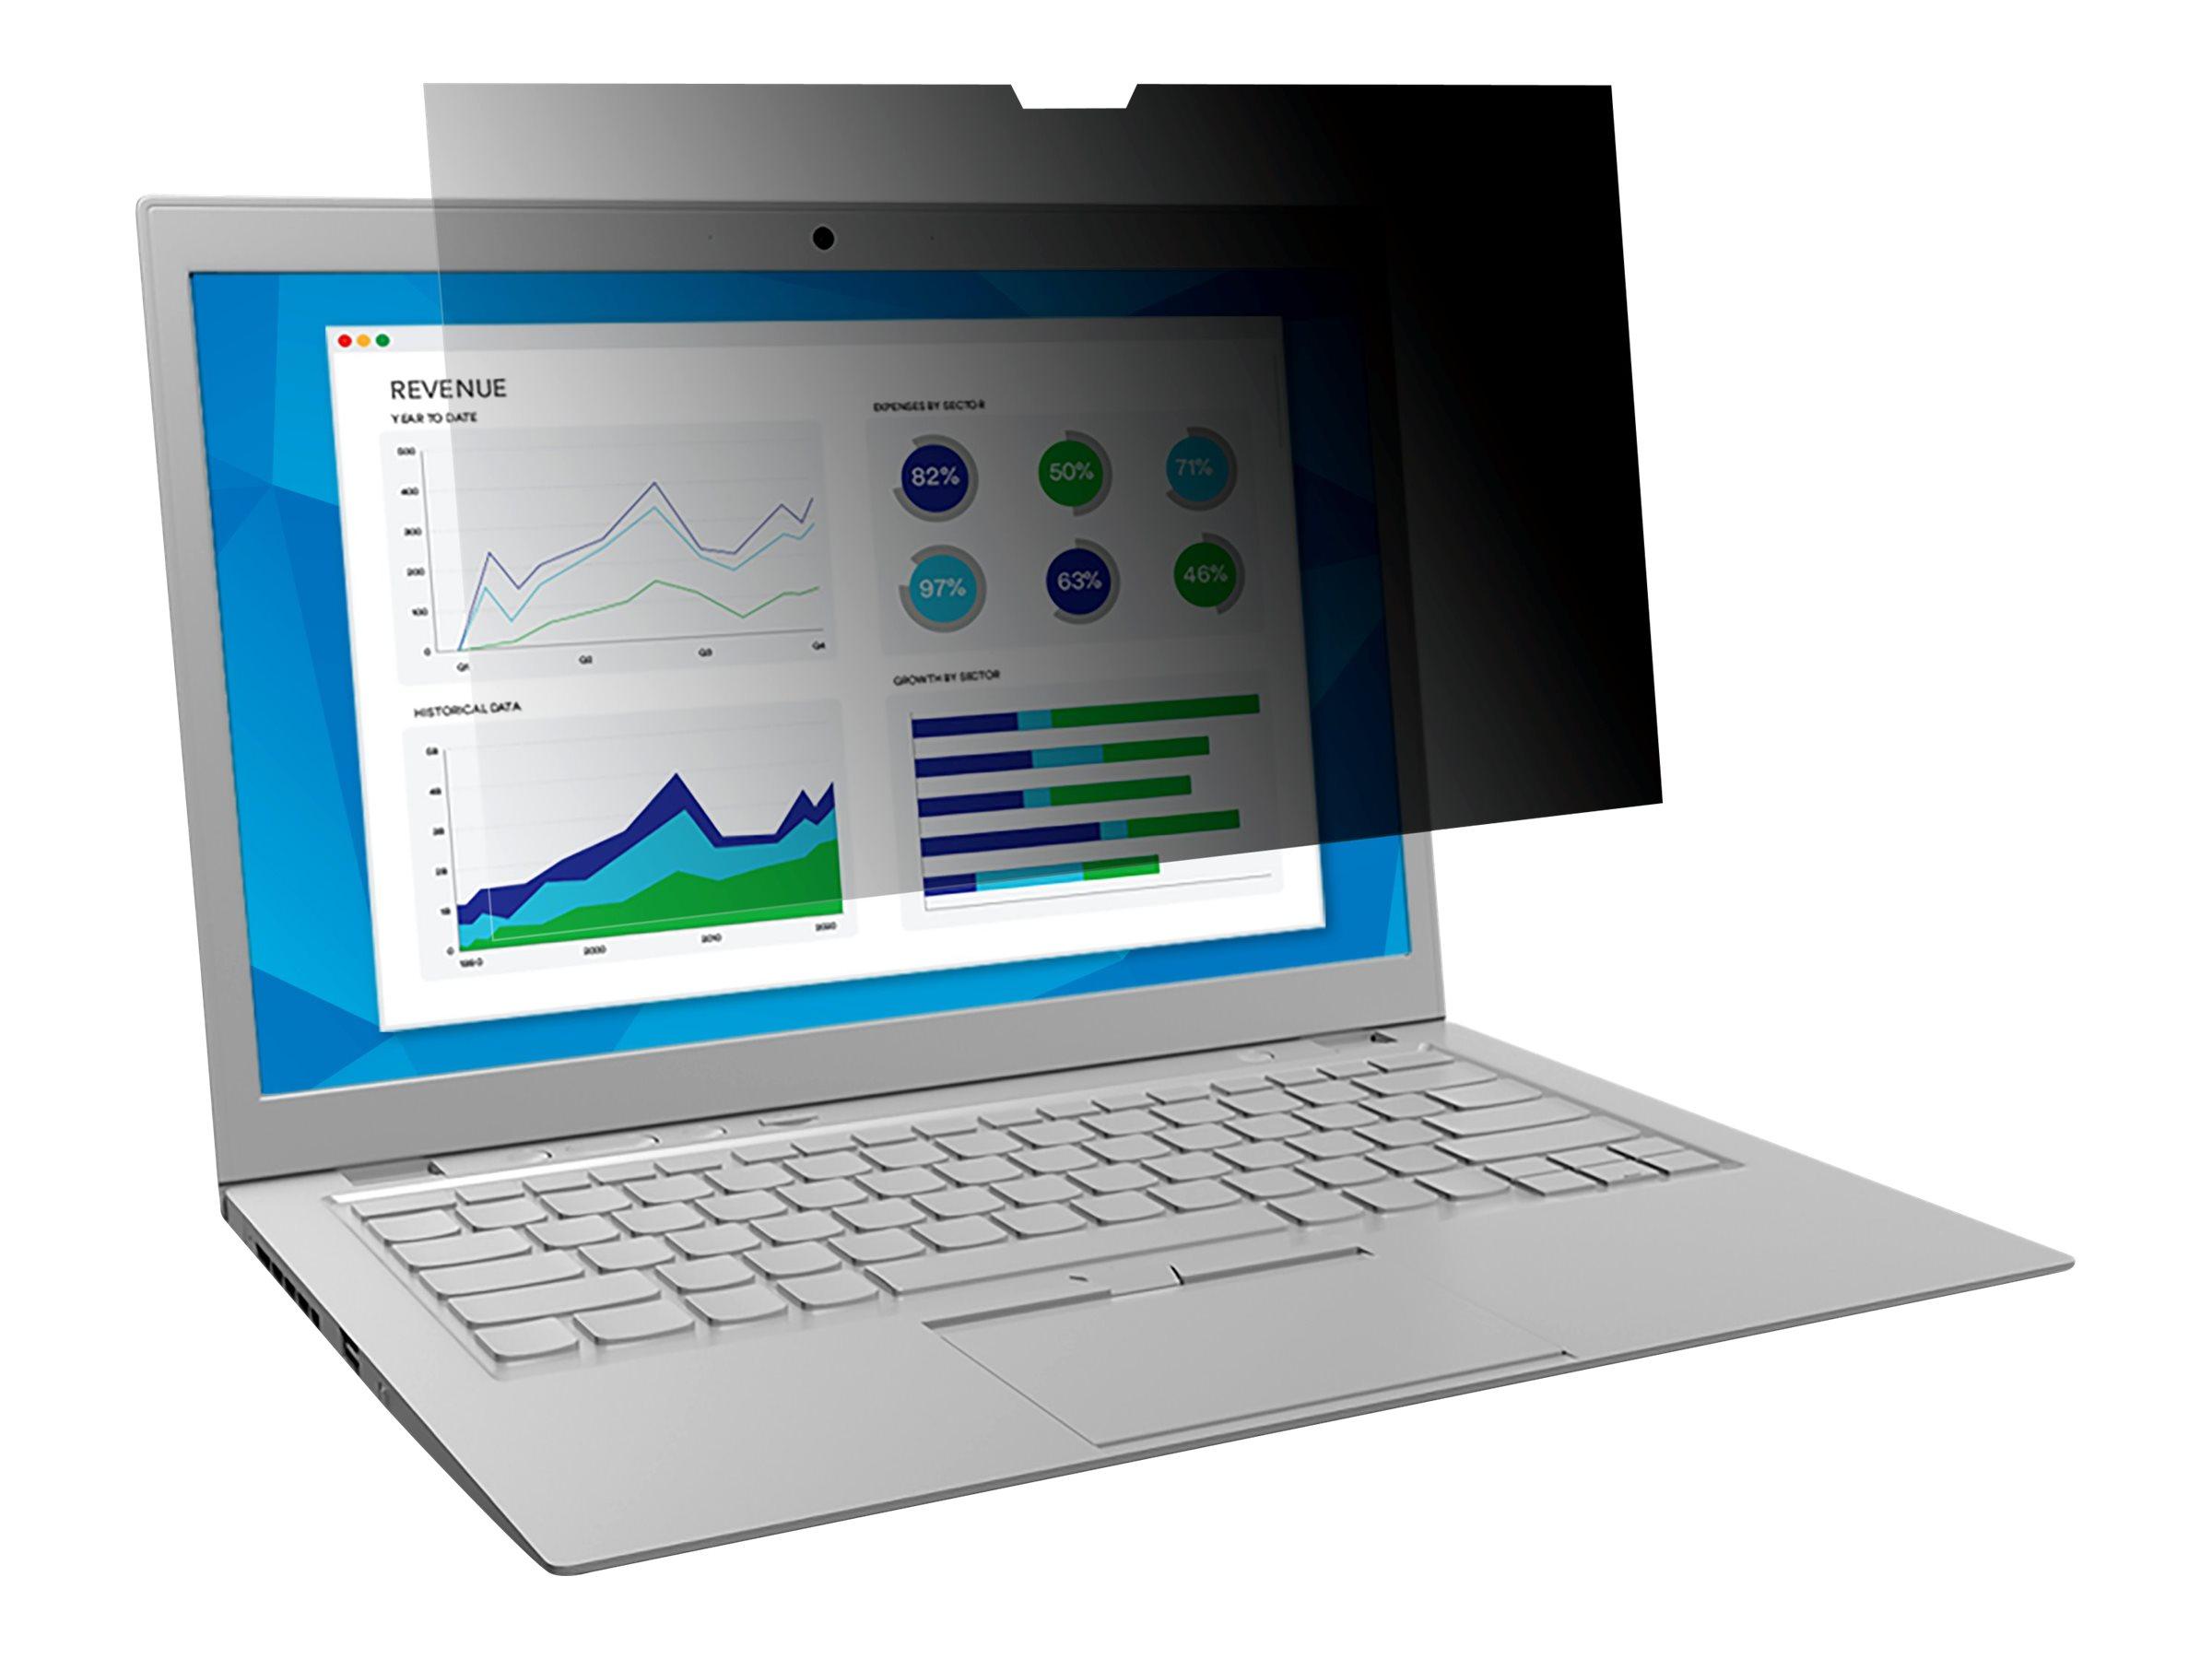 """3M Blickschutzfilter für Touch-Laptops for 14.0"""" Widescreen Laptop - Standard Fit with COMPLY Attachment System - Blickschutzfilter für Notebook - 35,6 cm Breitbild (14"""" Breitbild)"""